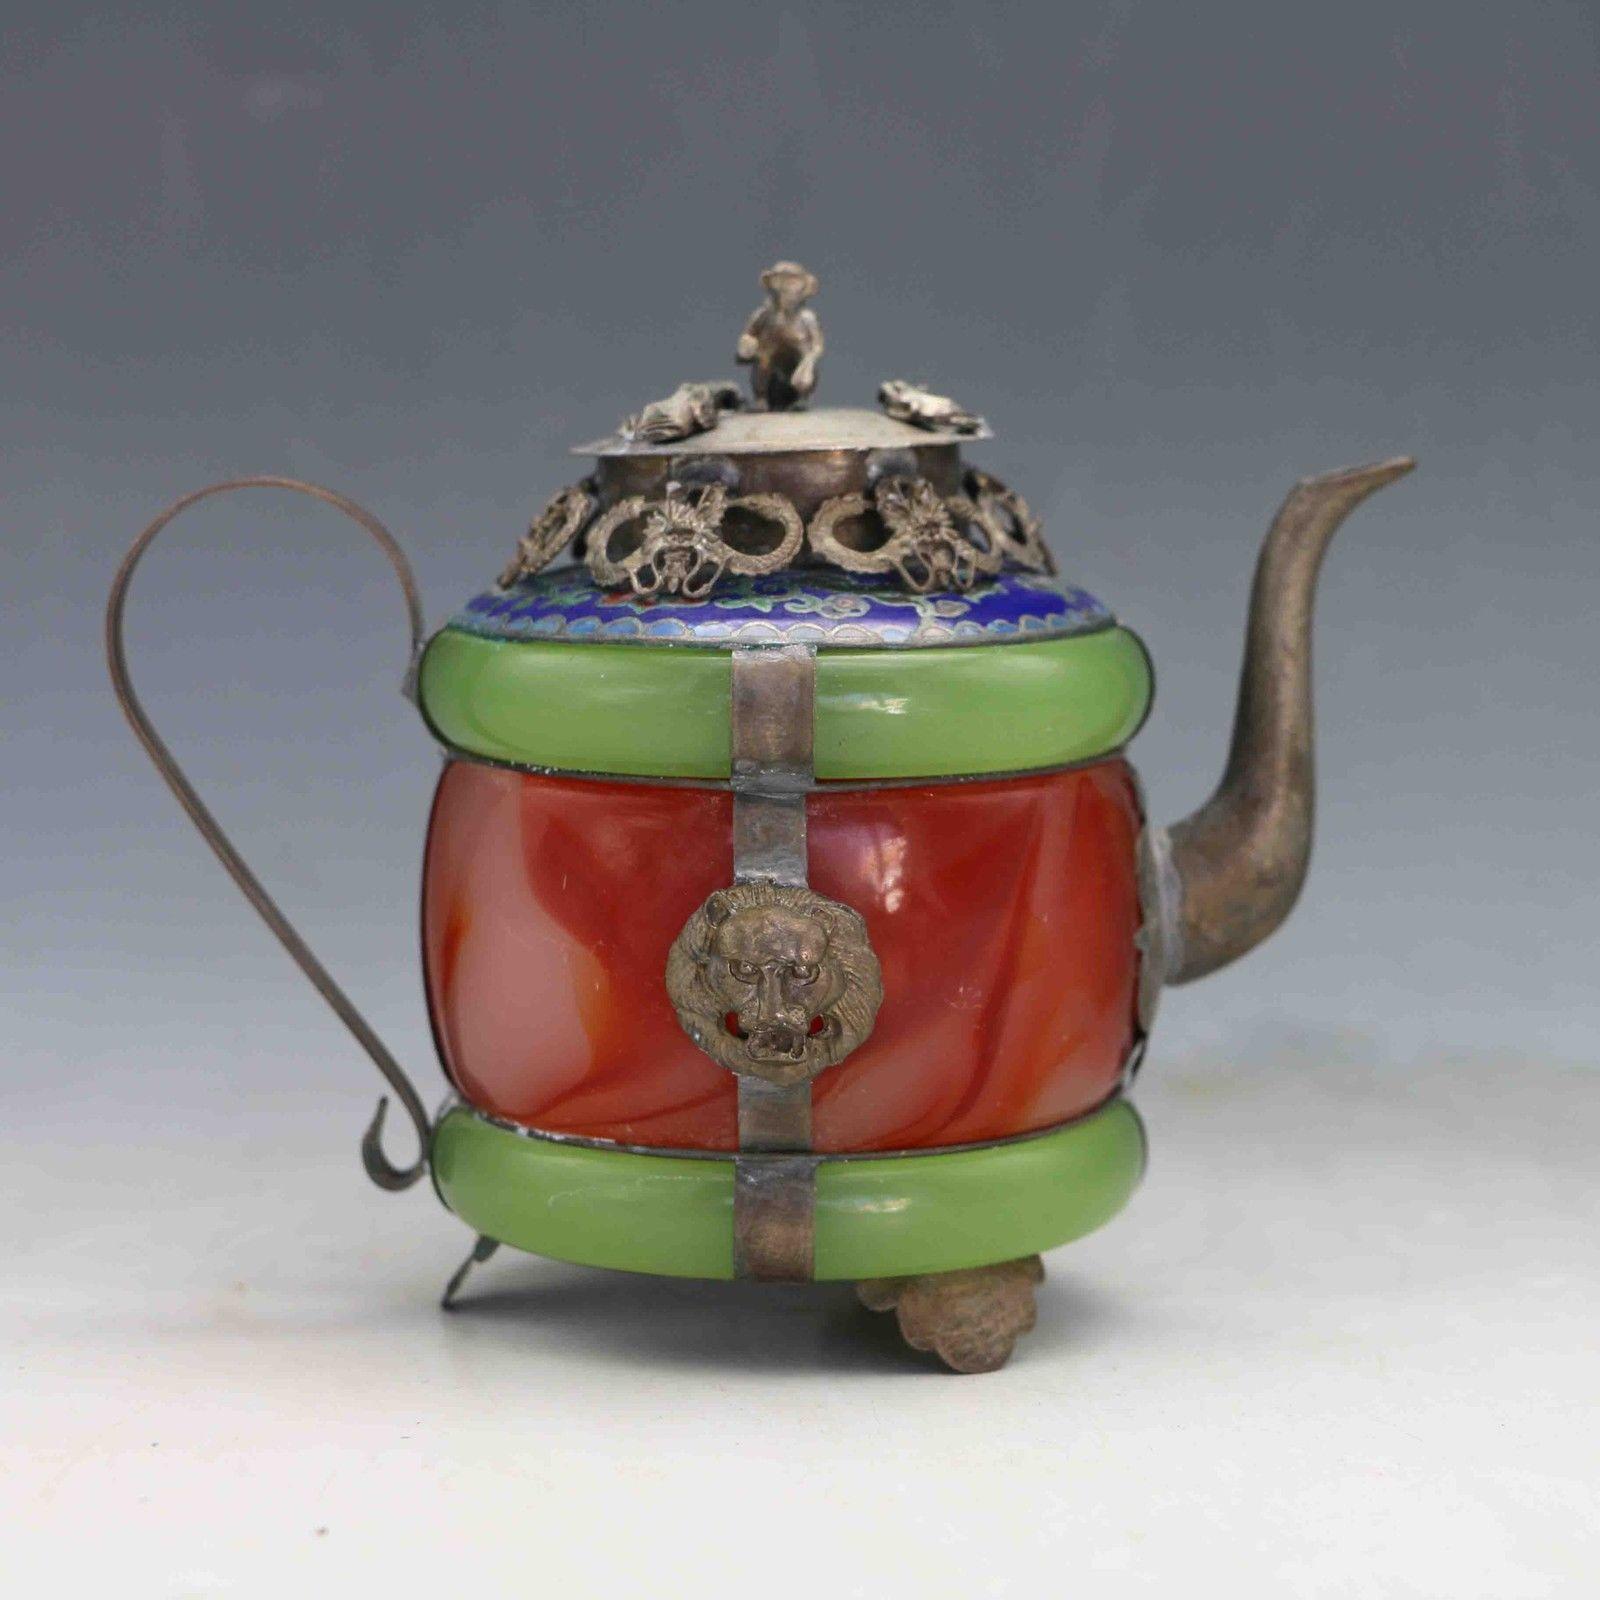 Collection décoration chinois naturel jade armure dragon ion tibétain argent travail manuel théière singe couvercle